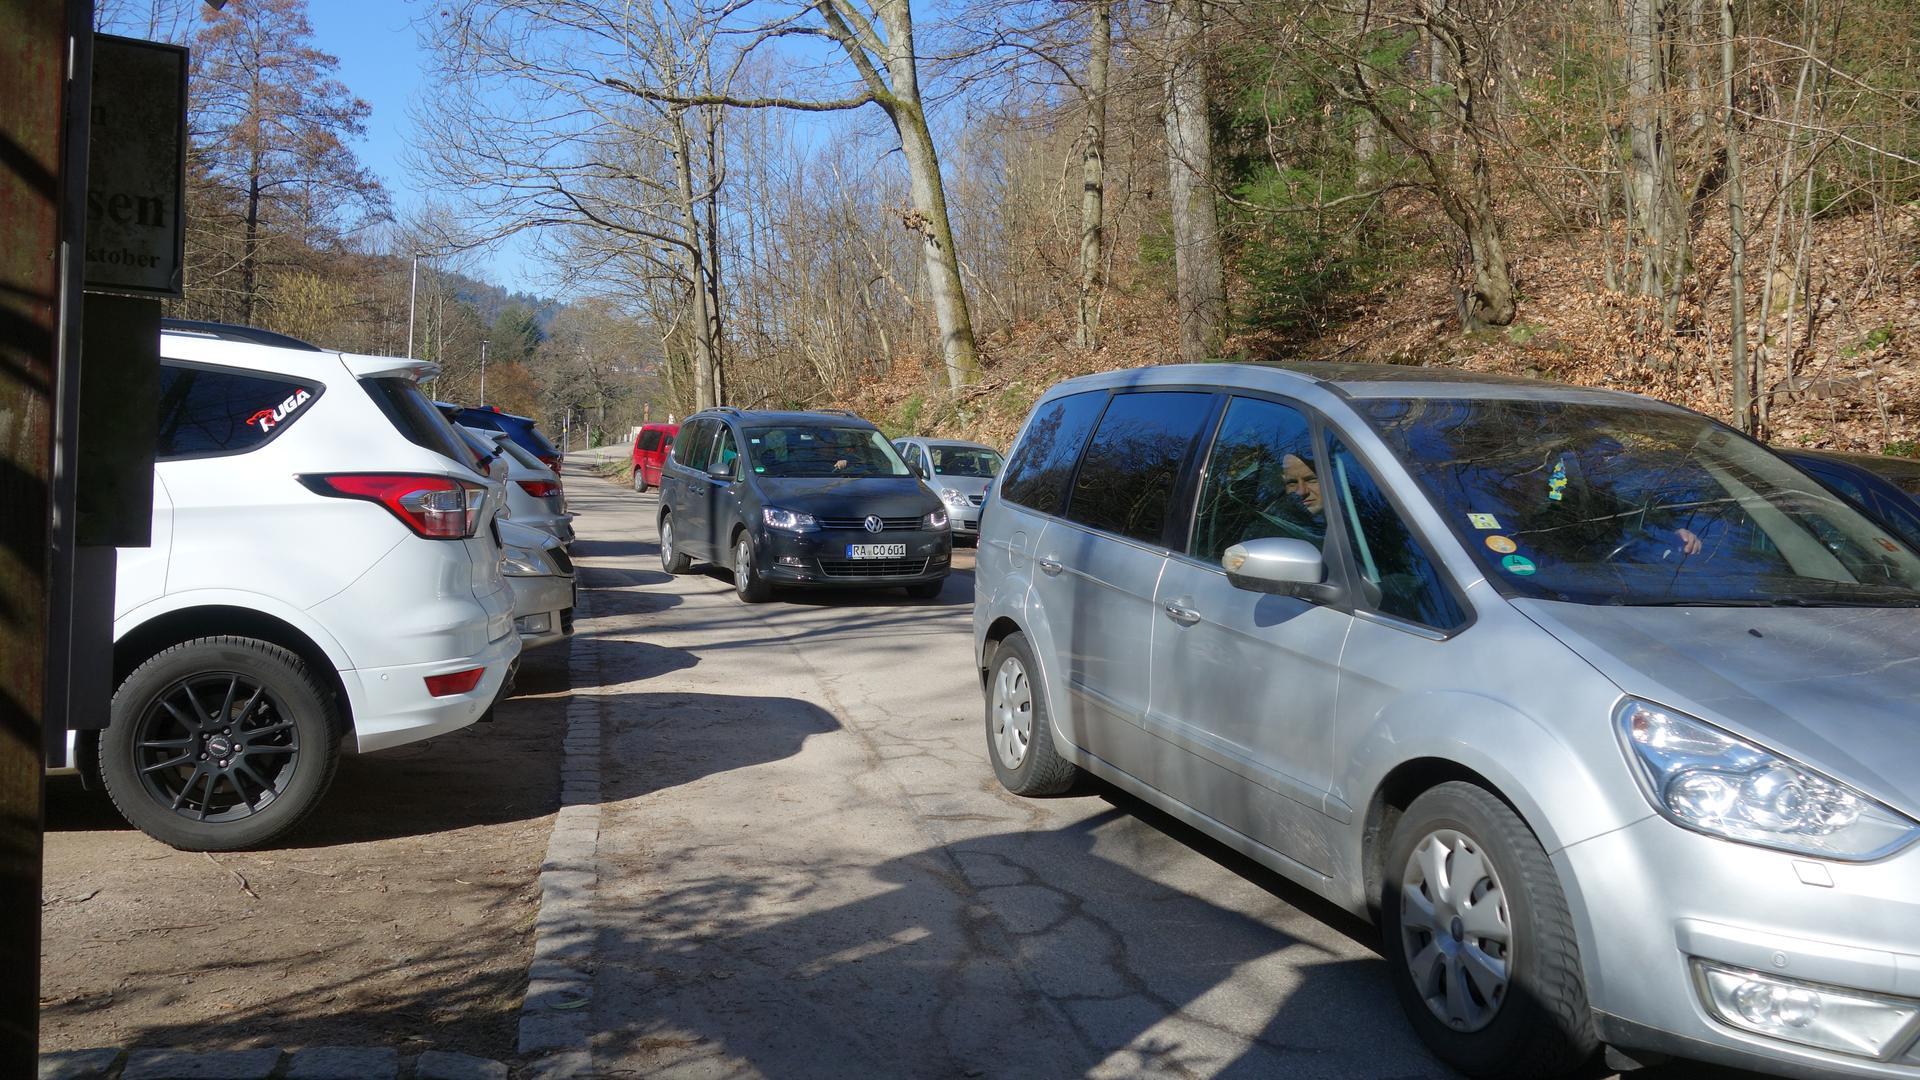 Alles belegt: Nichts ging mehr für weitere Besucher auf dem Parkplatz zu den Gertelbach-Wasserfällen in Bühlertal.